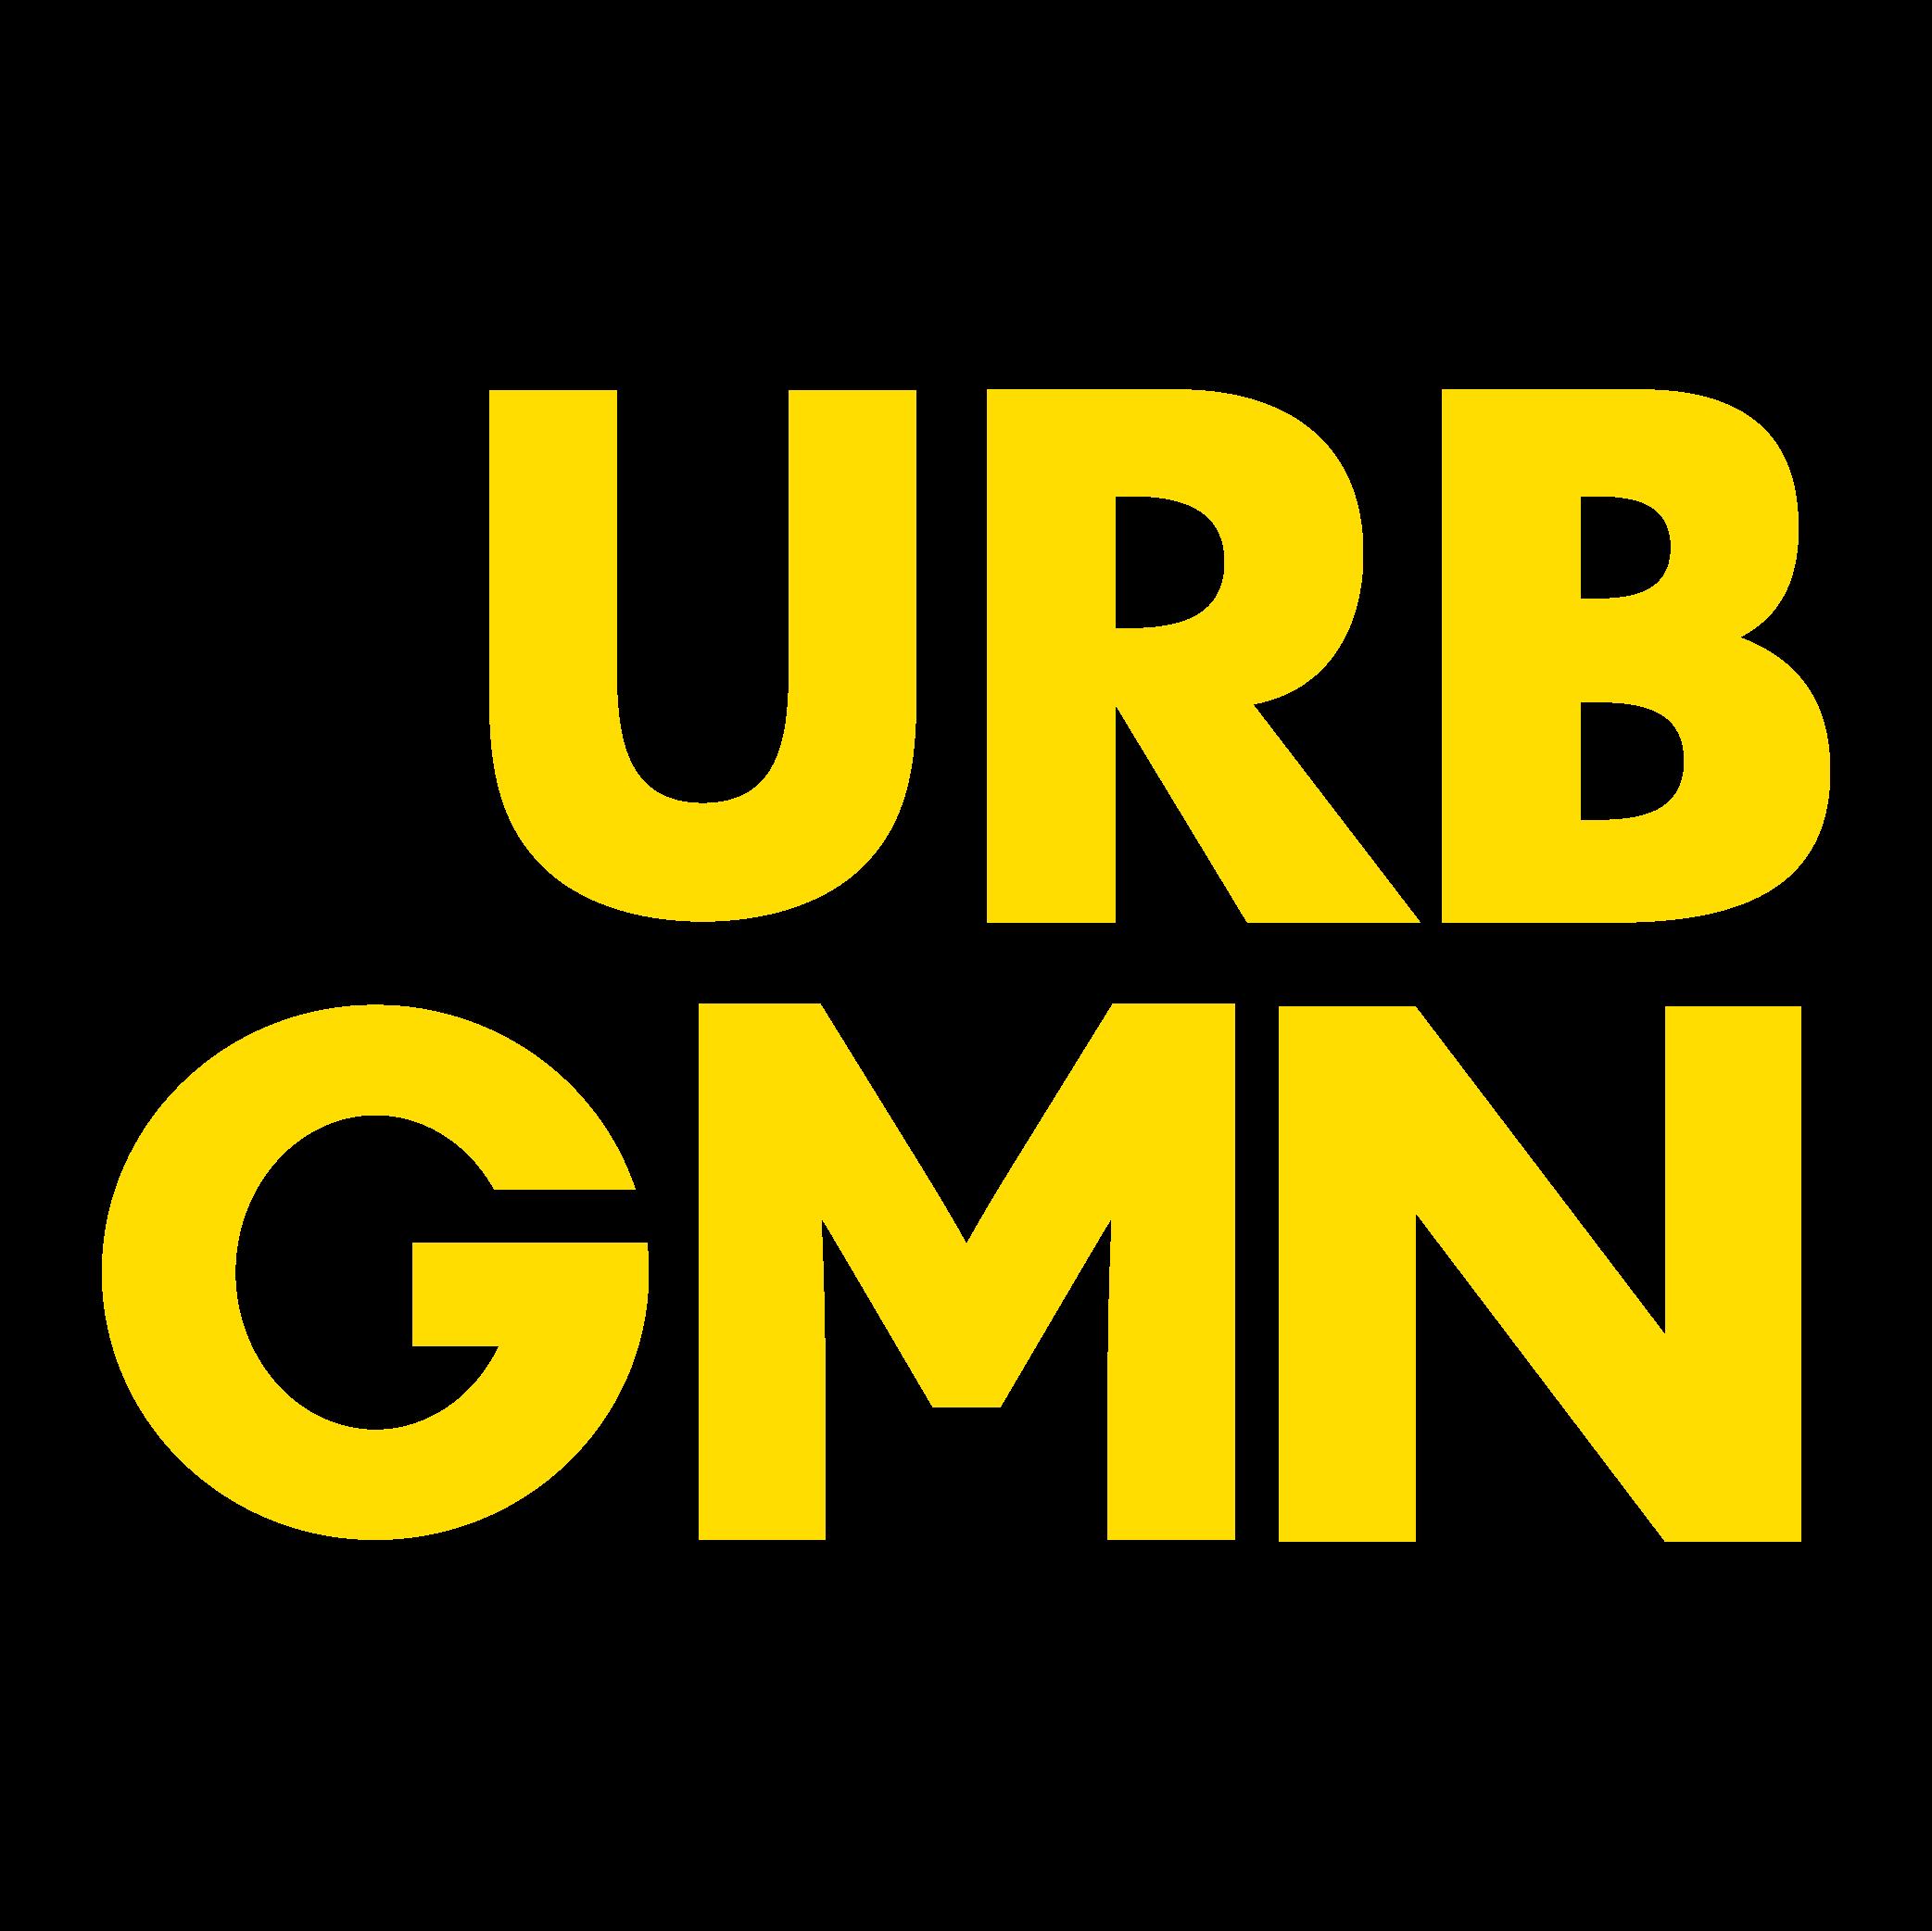 Urban Gemini